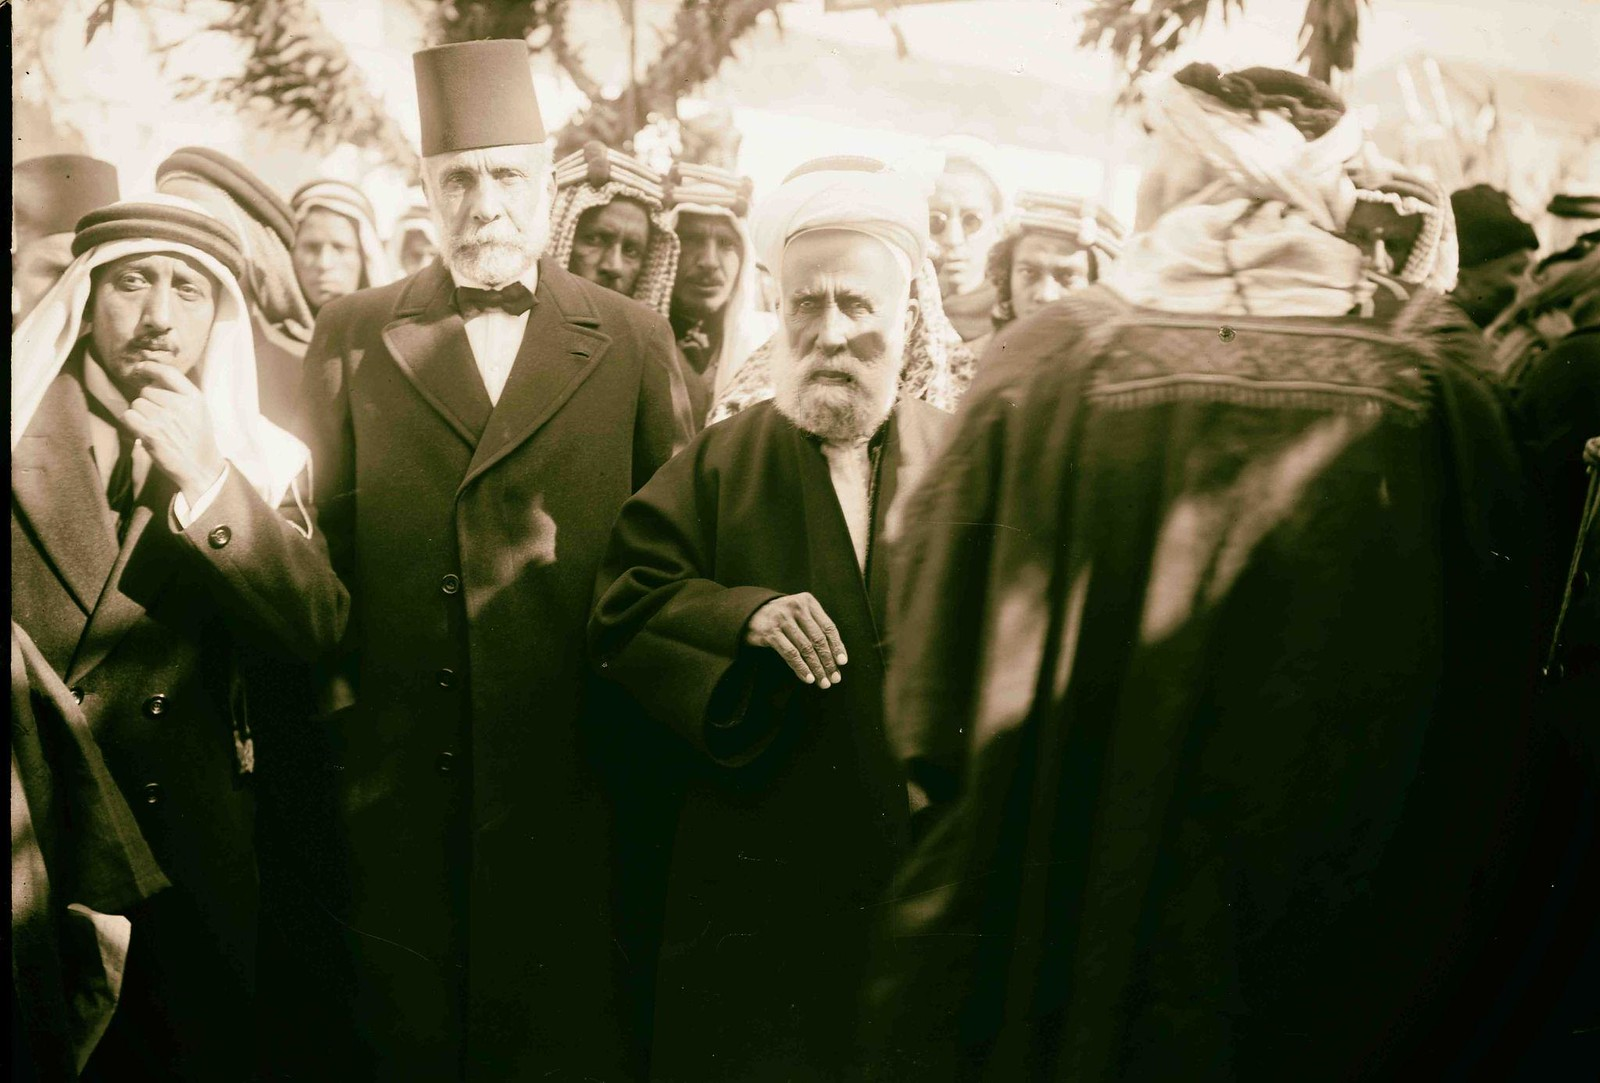 15. Его Величество король Хиджаза Хусейн ибн Али аль-Хашими и Муса Кассем Баша аль-Хуссейни, Амман